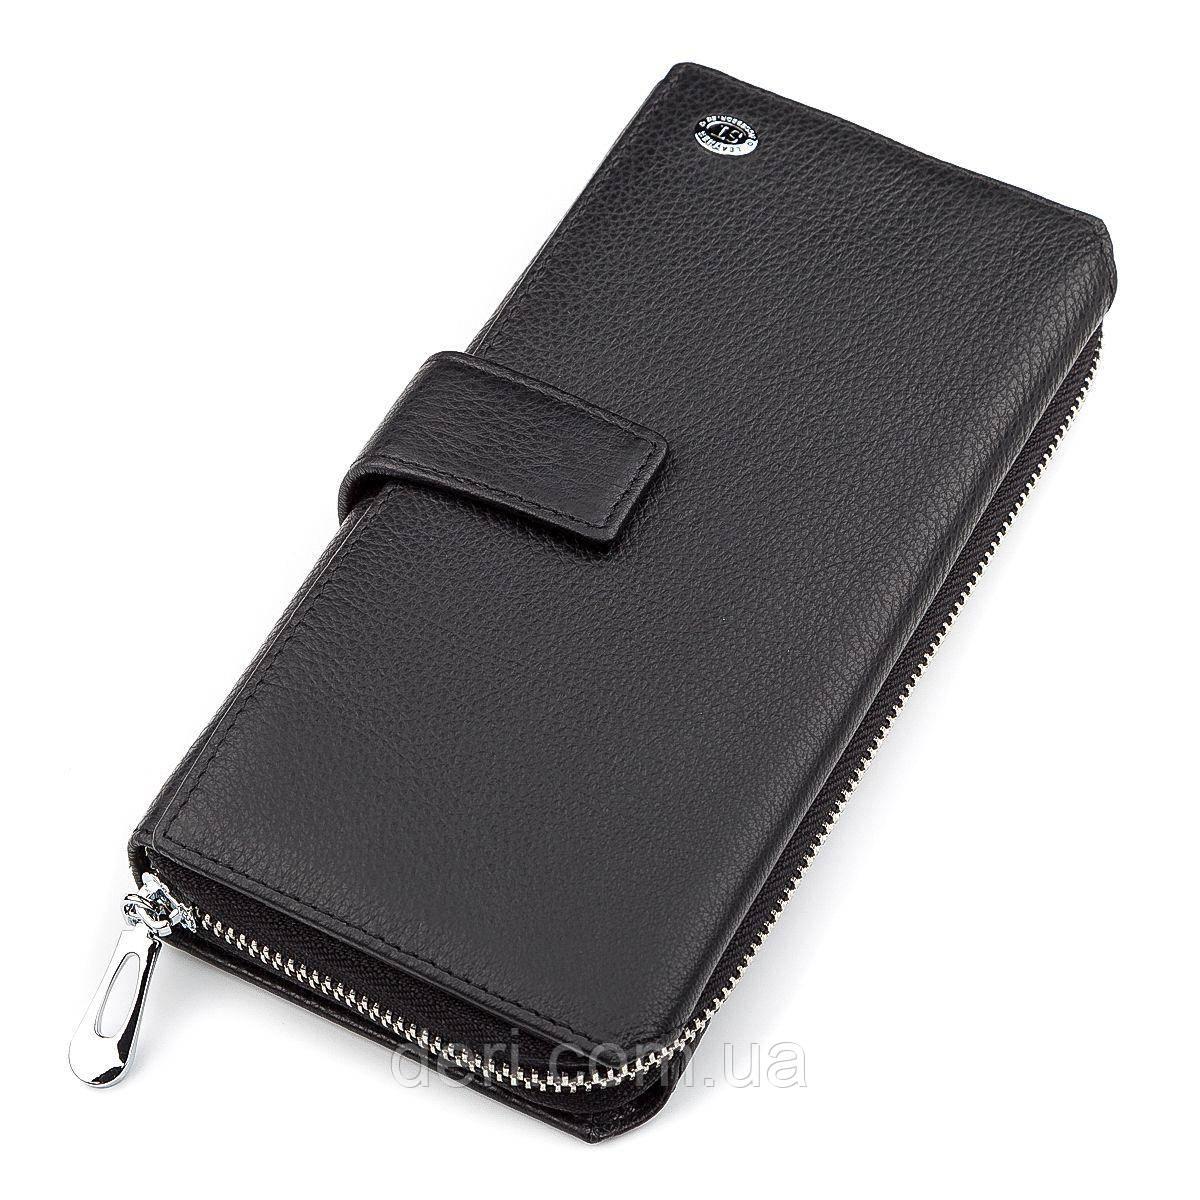 Мужской кошелек ST стильный , Черный